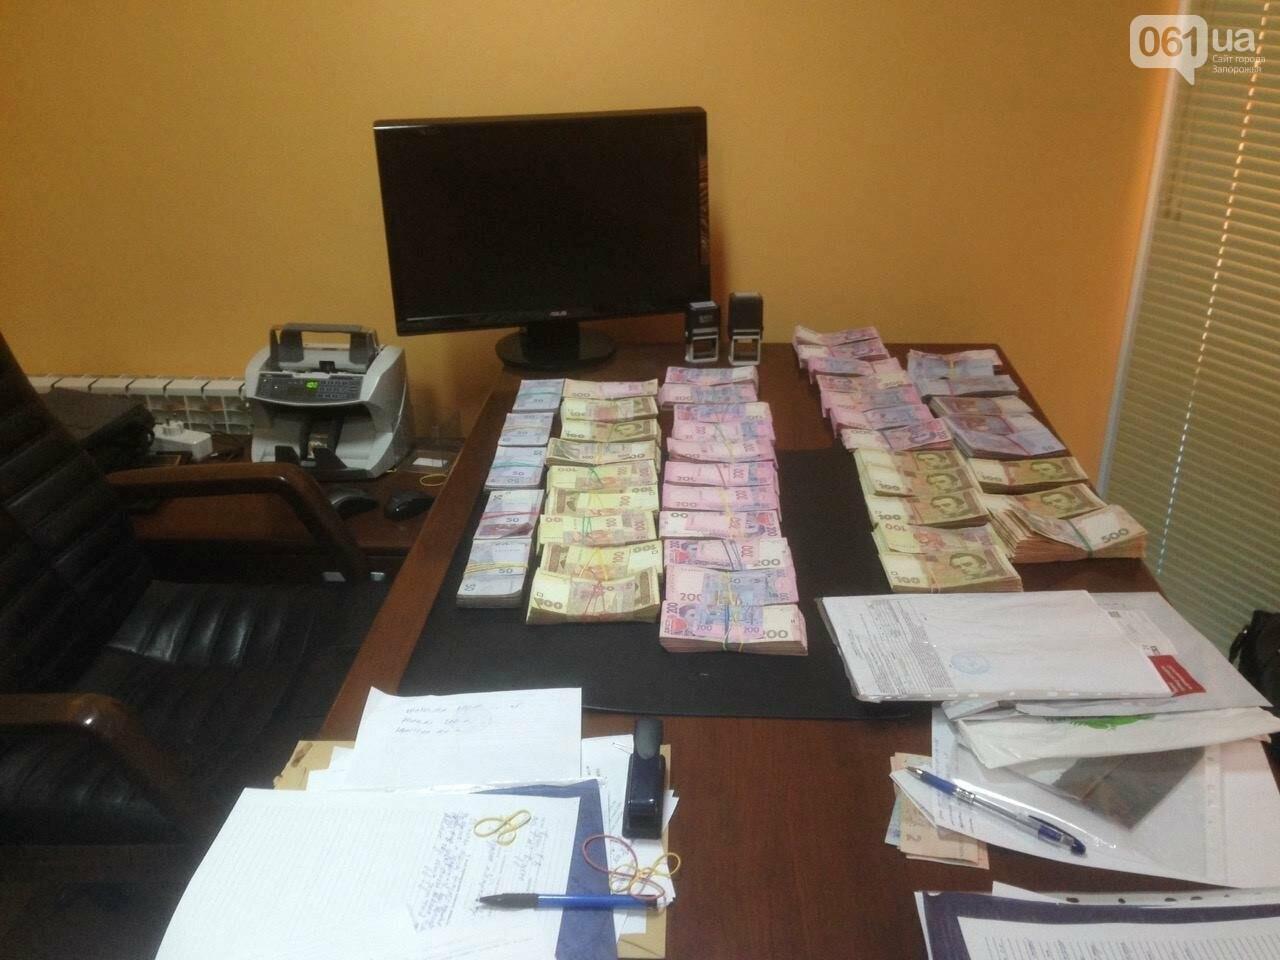 В Запорожье правоохранители арестовали авто и недвижимость организатора конвертационного центра, - ФОТО, фото-1